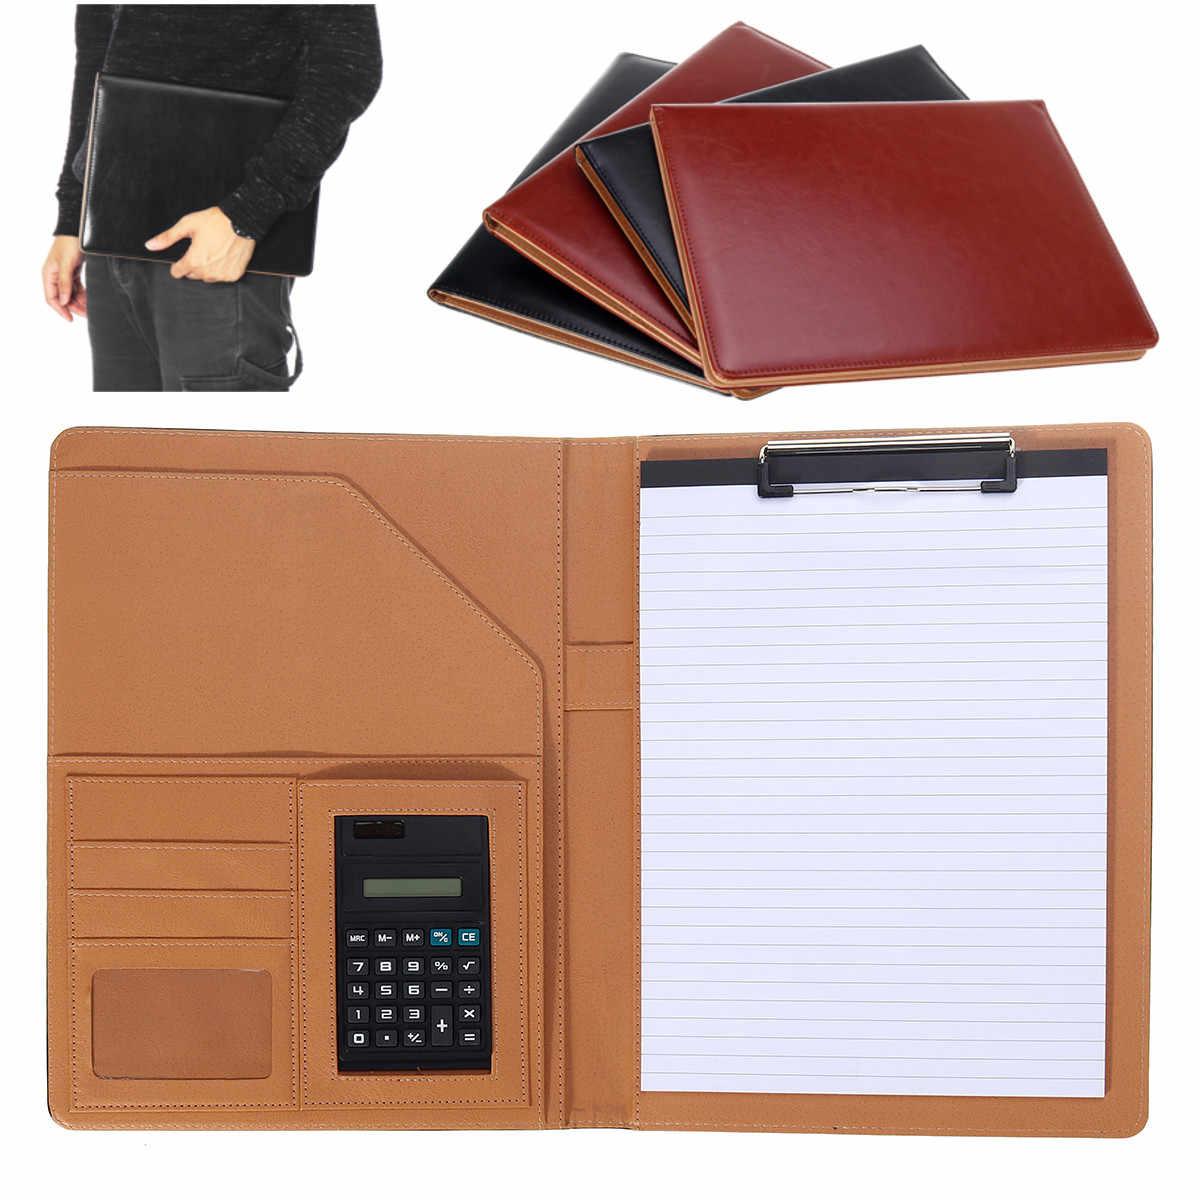 con calculadora y Cuaderno Recargable A4 DEZHI Carpeta portafolio A4 de Piel con Cremallera para conferencias